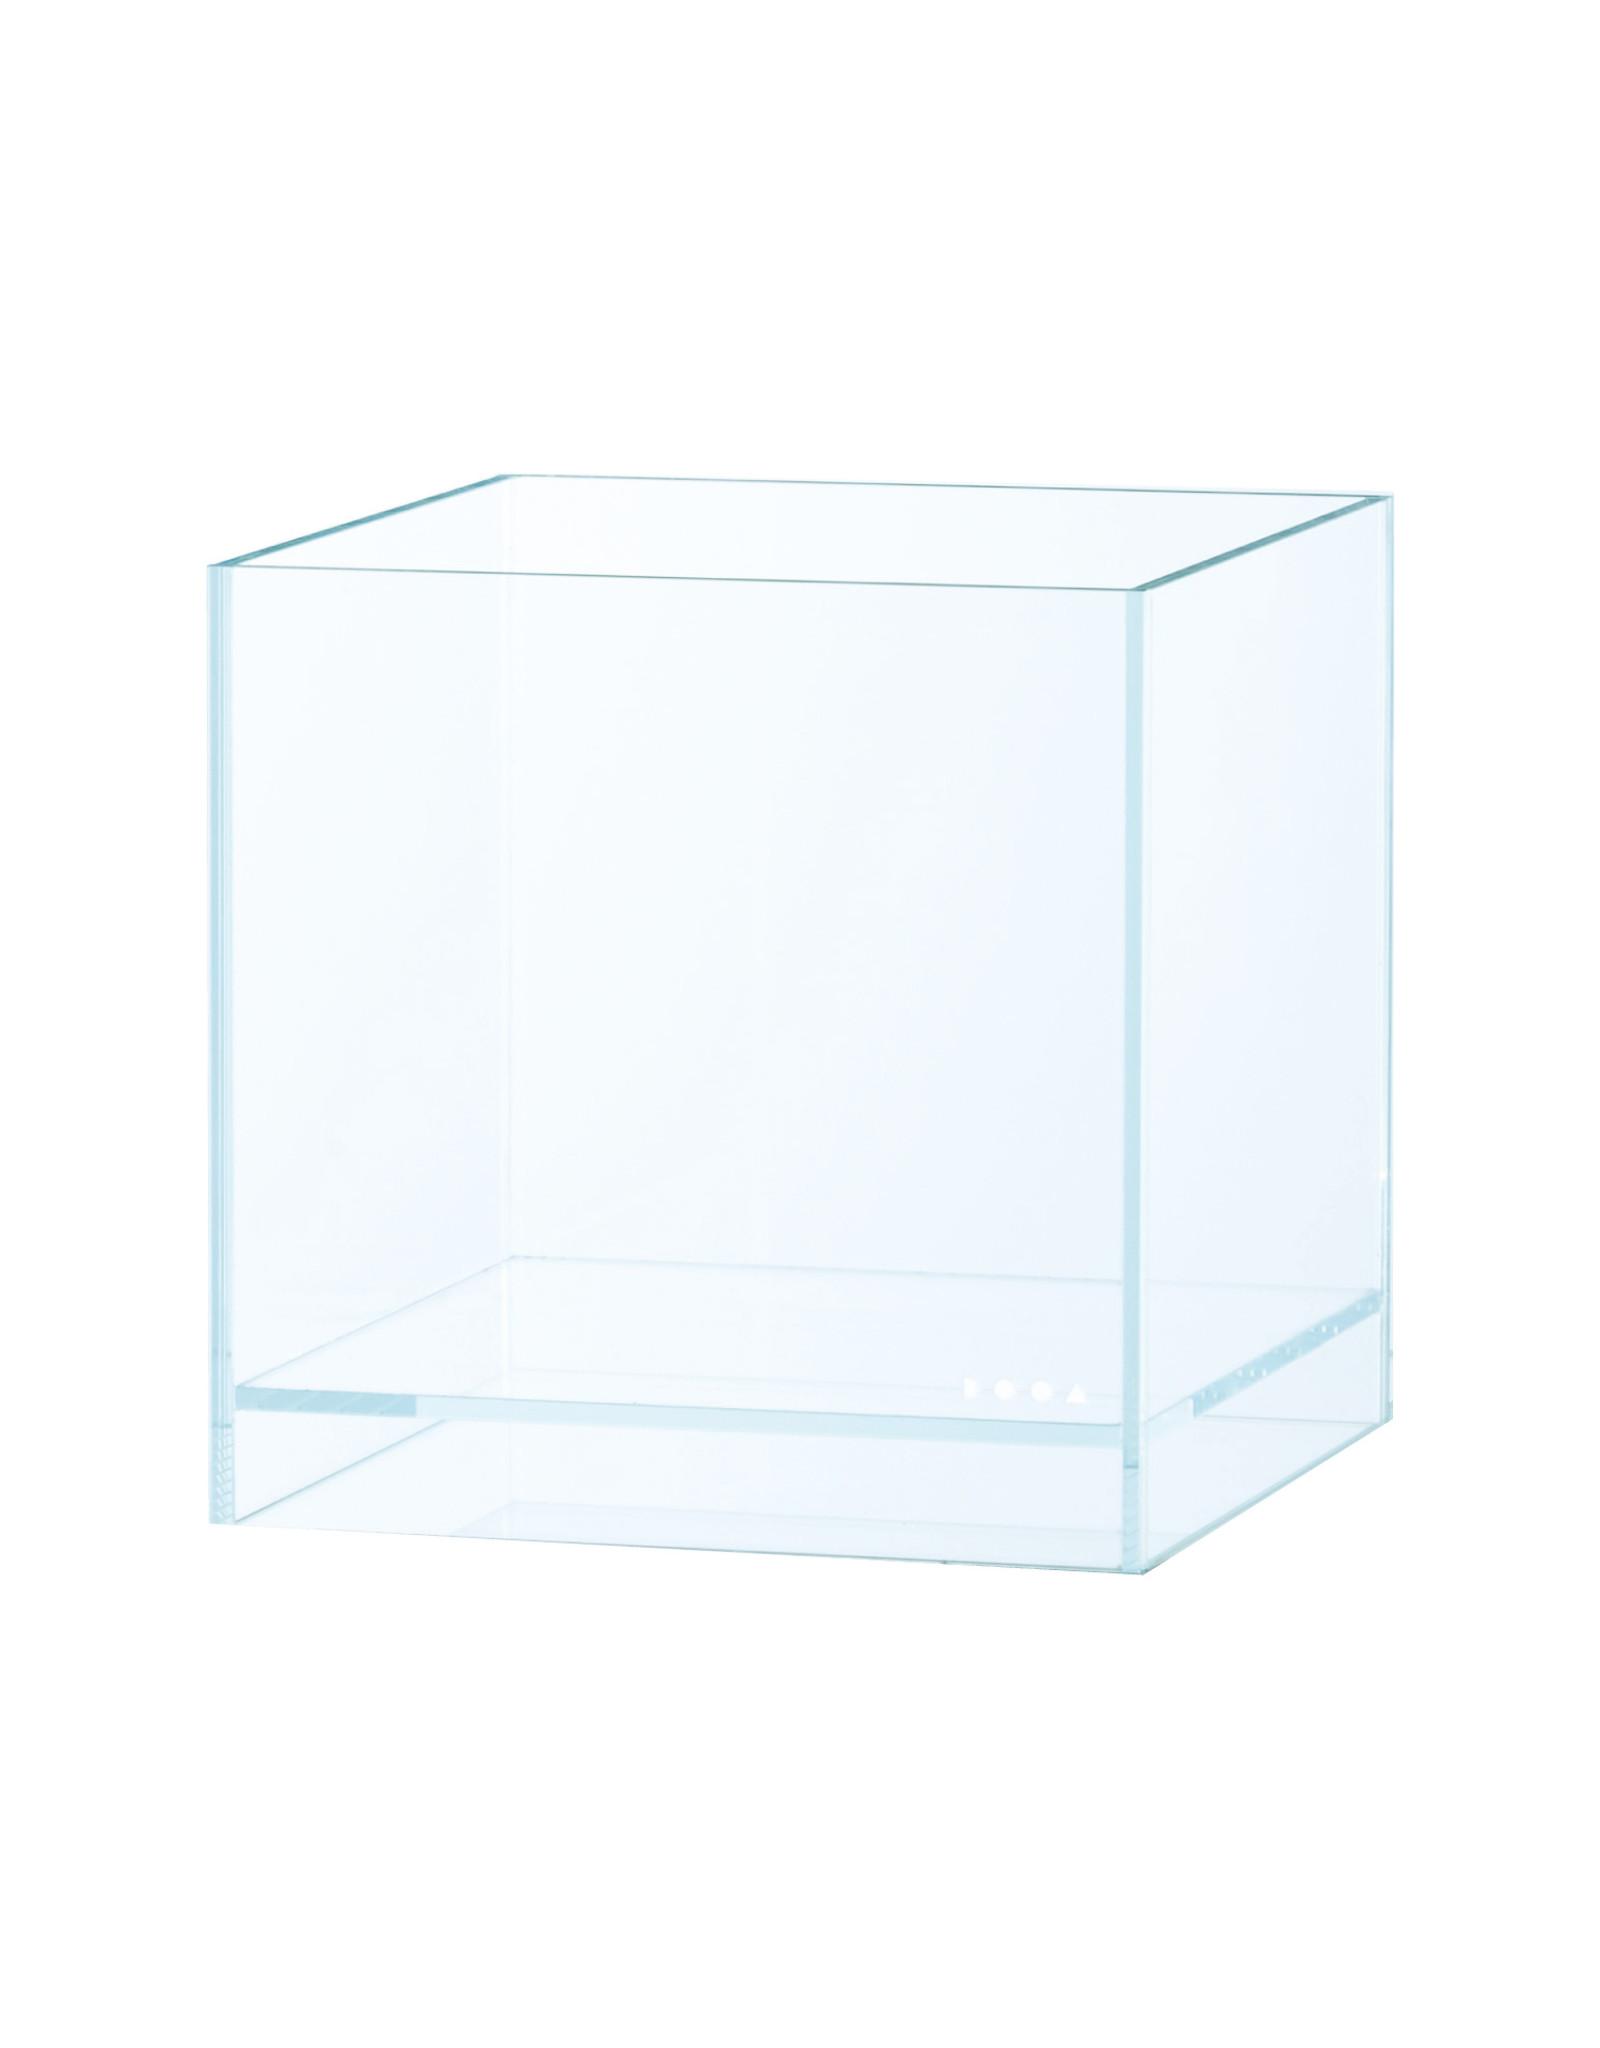 DOOA DOOA Neo Glass AIR 20x20x35cm